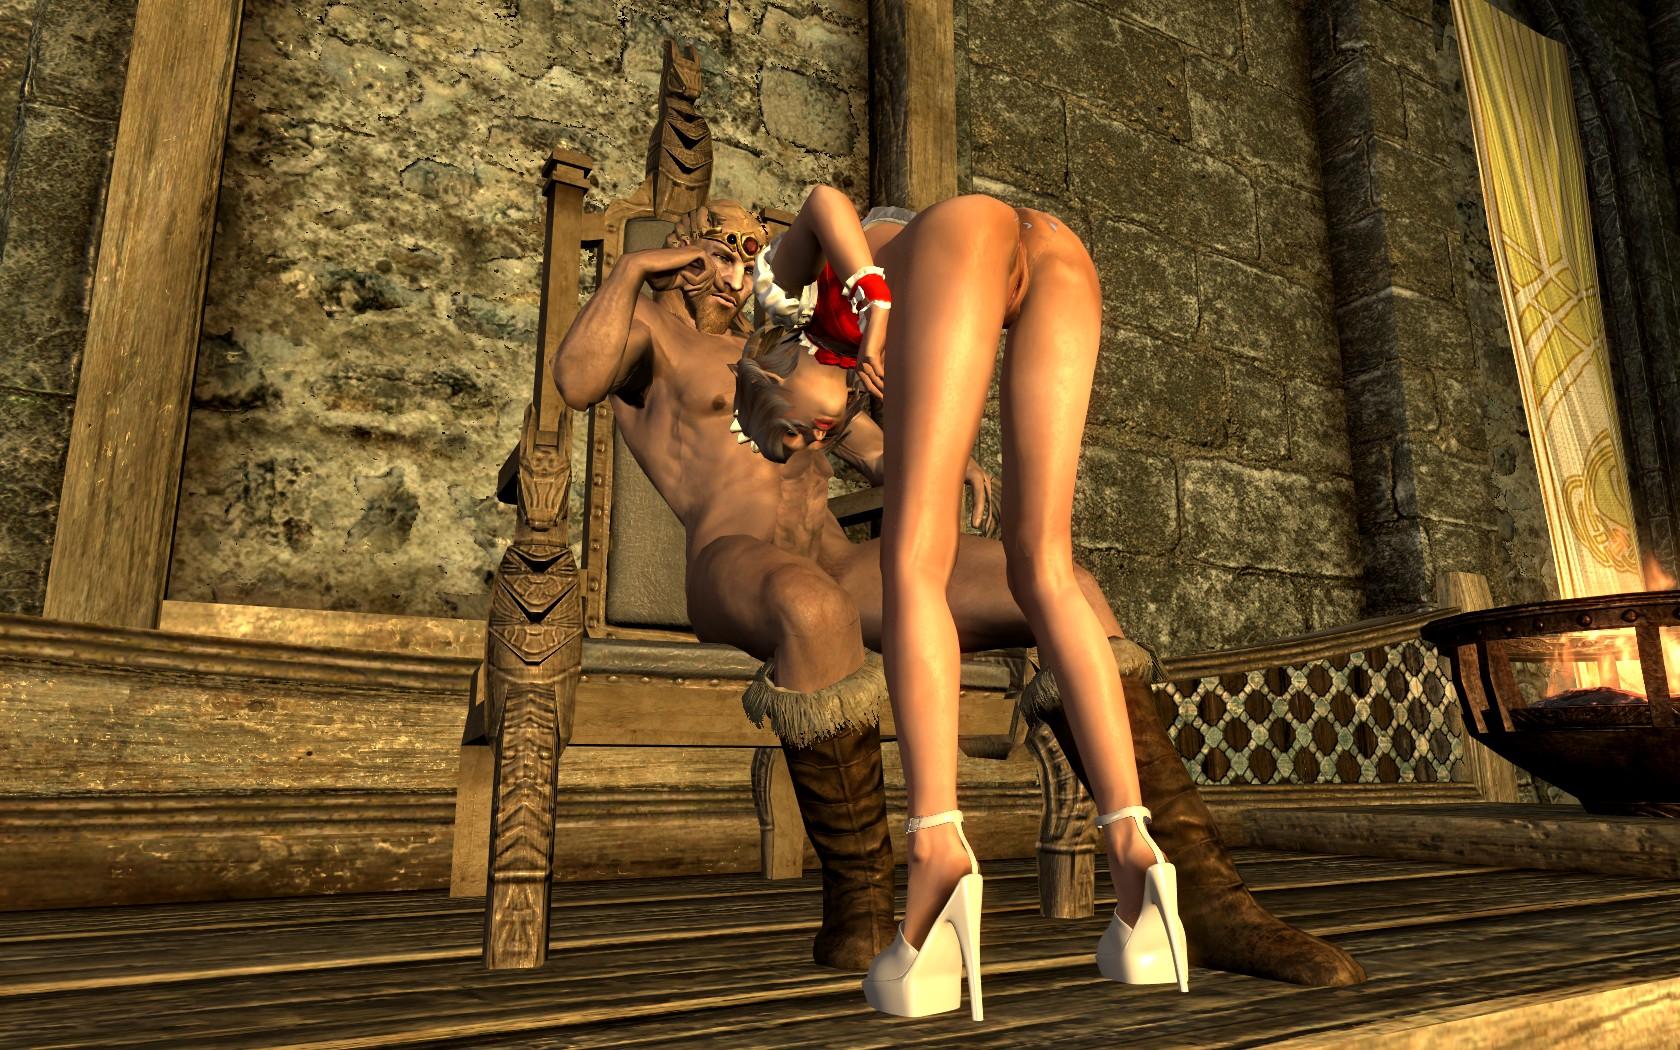 Видео онлайн откровенная эротика можем похвастаться